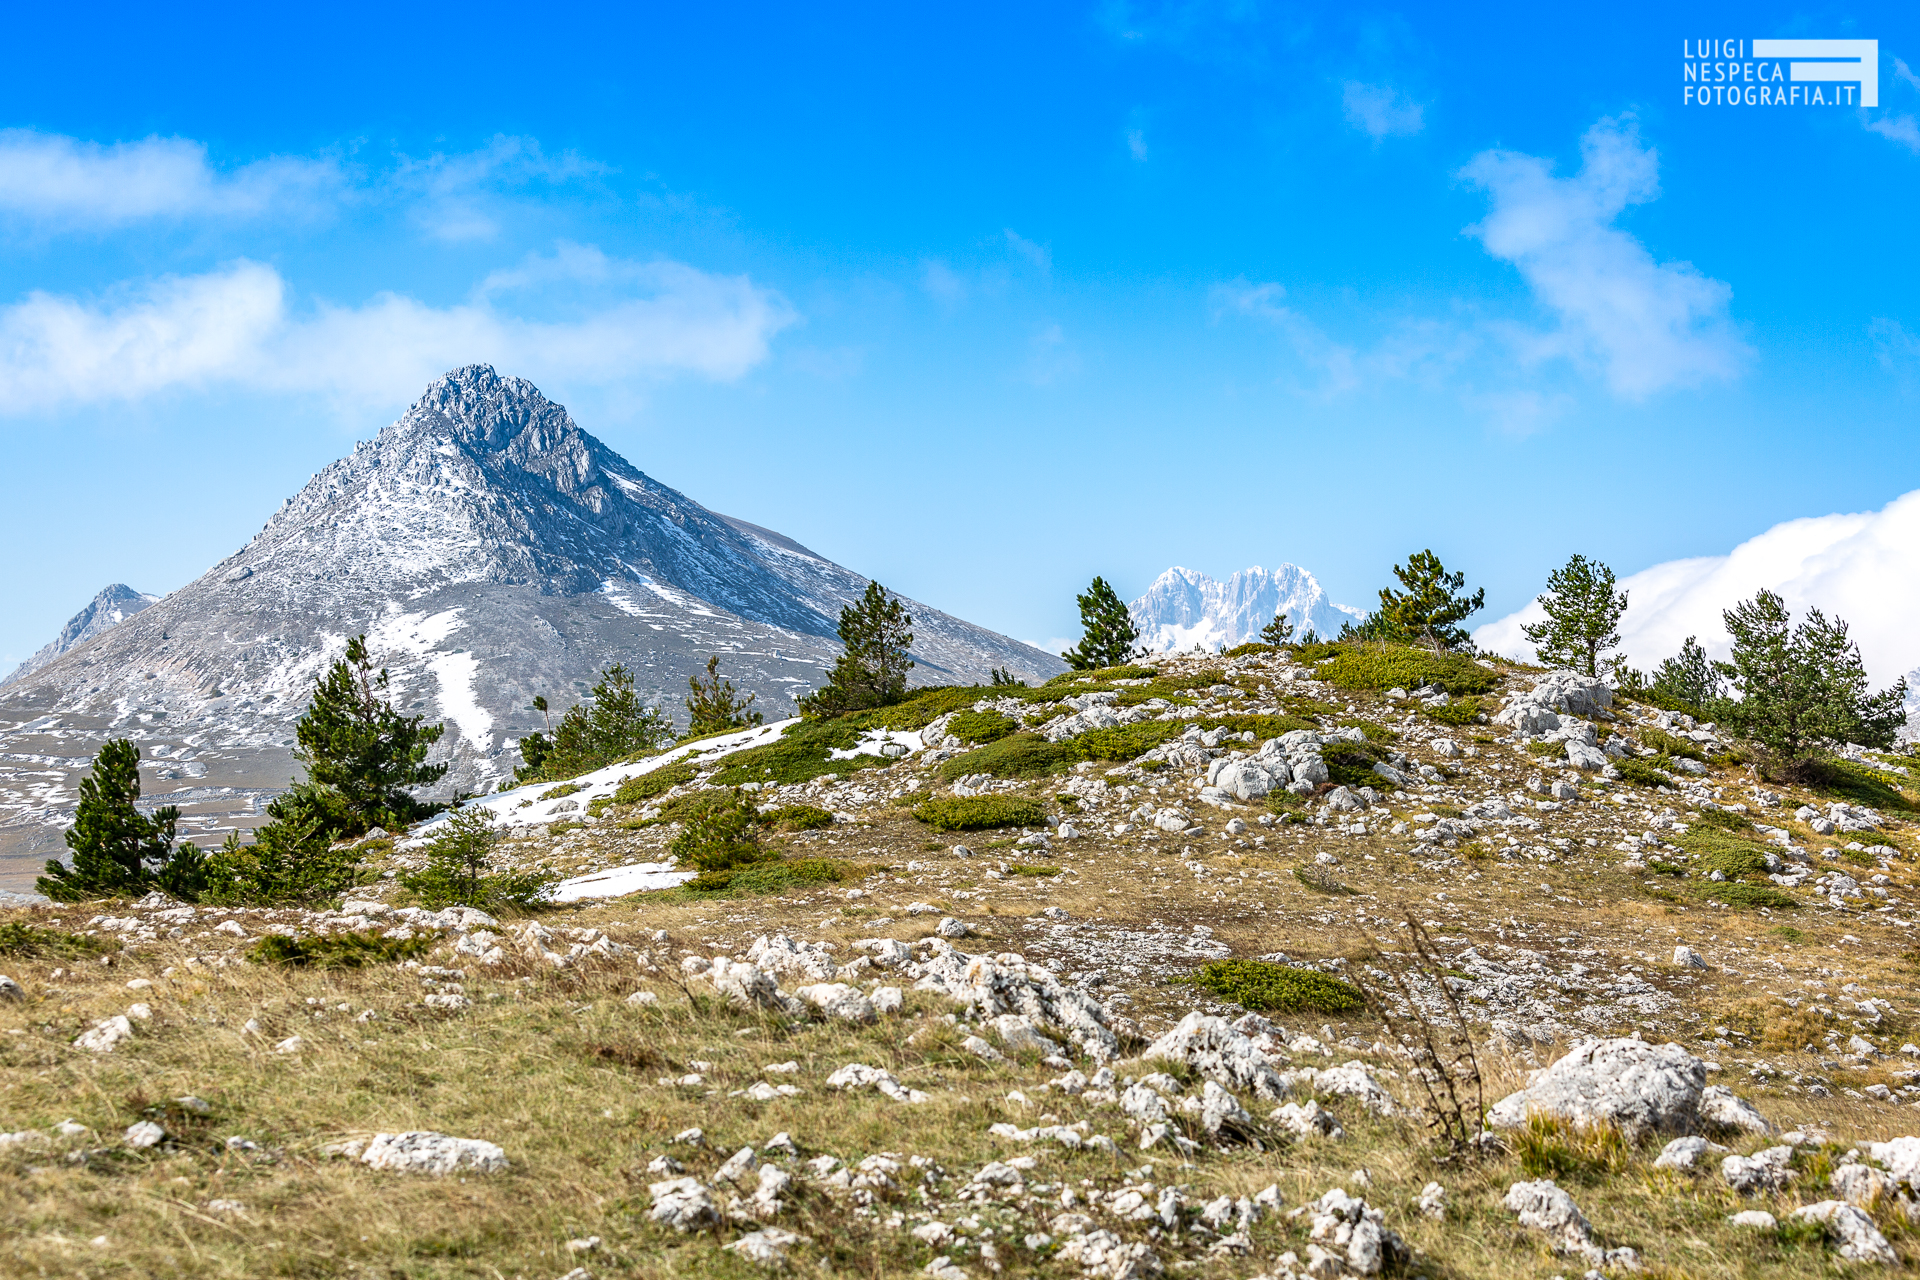 Monte Bolza e Corno Grande - Castel Del Monte (AQ) - Parco Nazionale del Gran Sasso